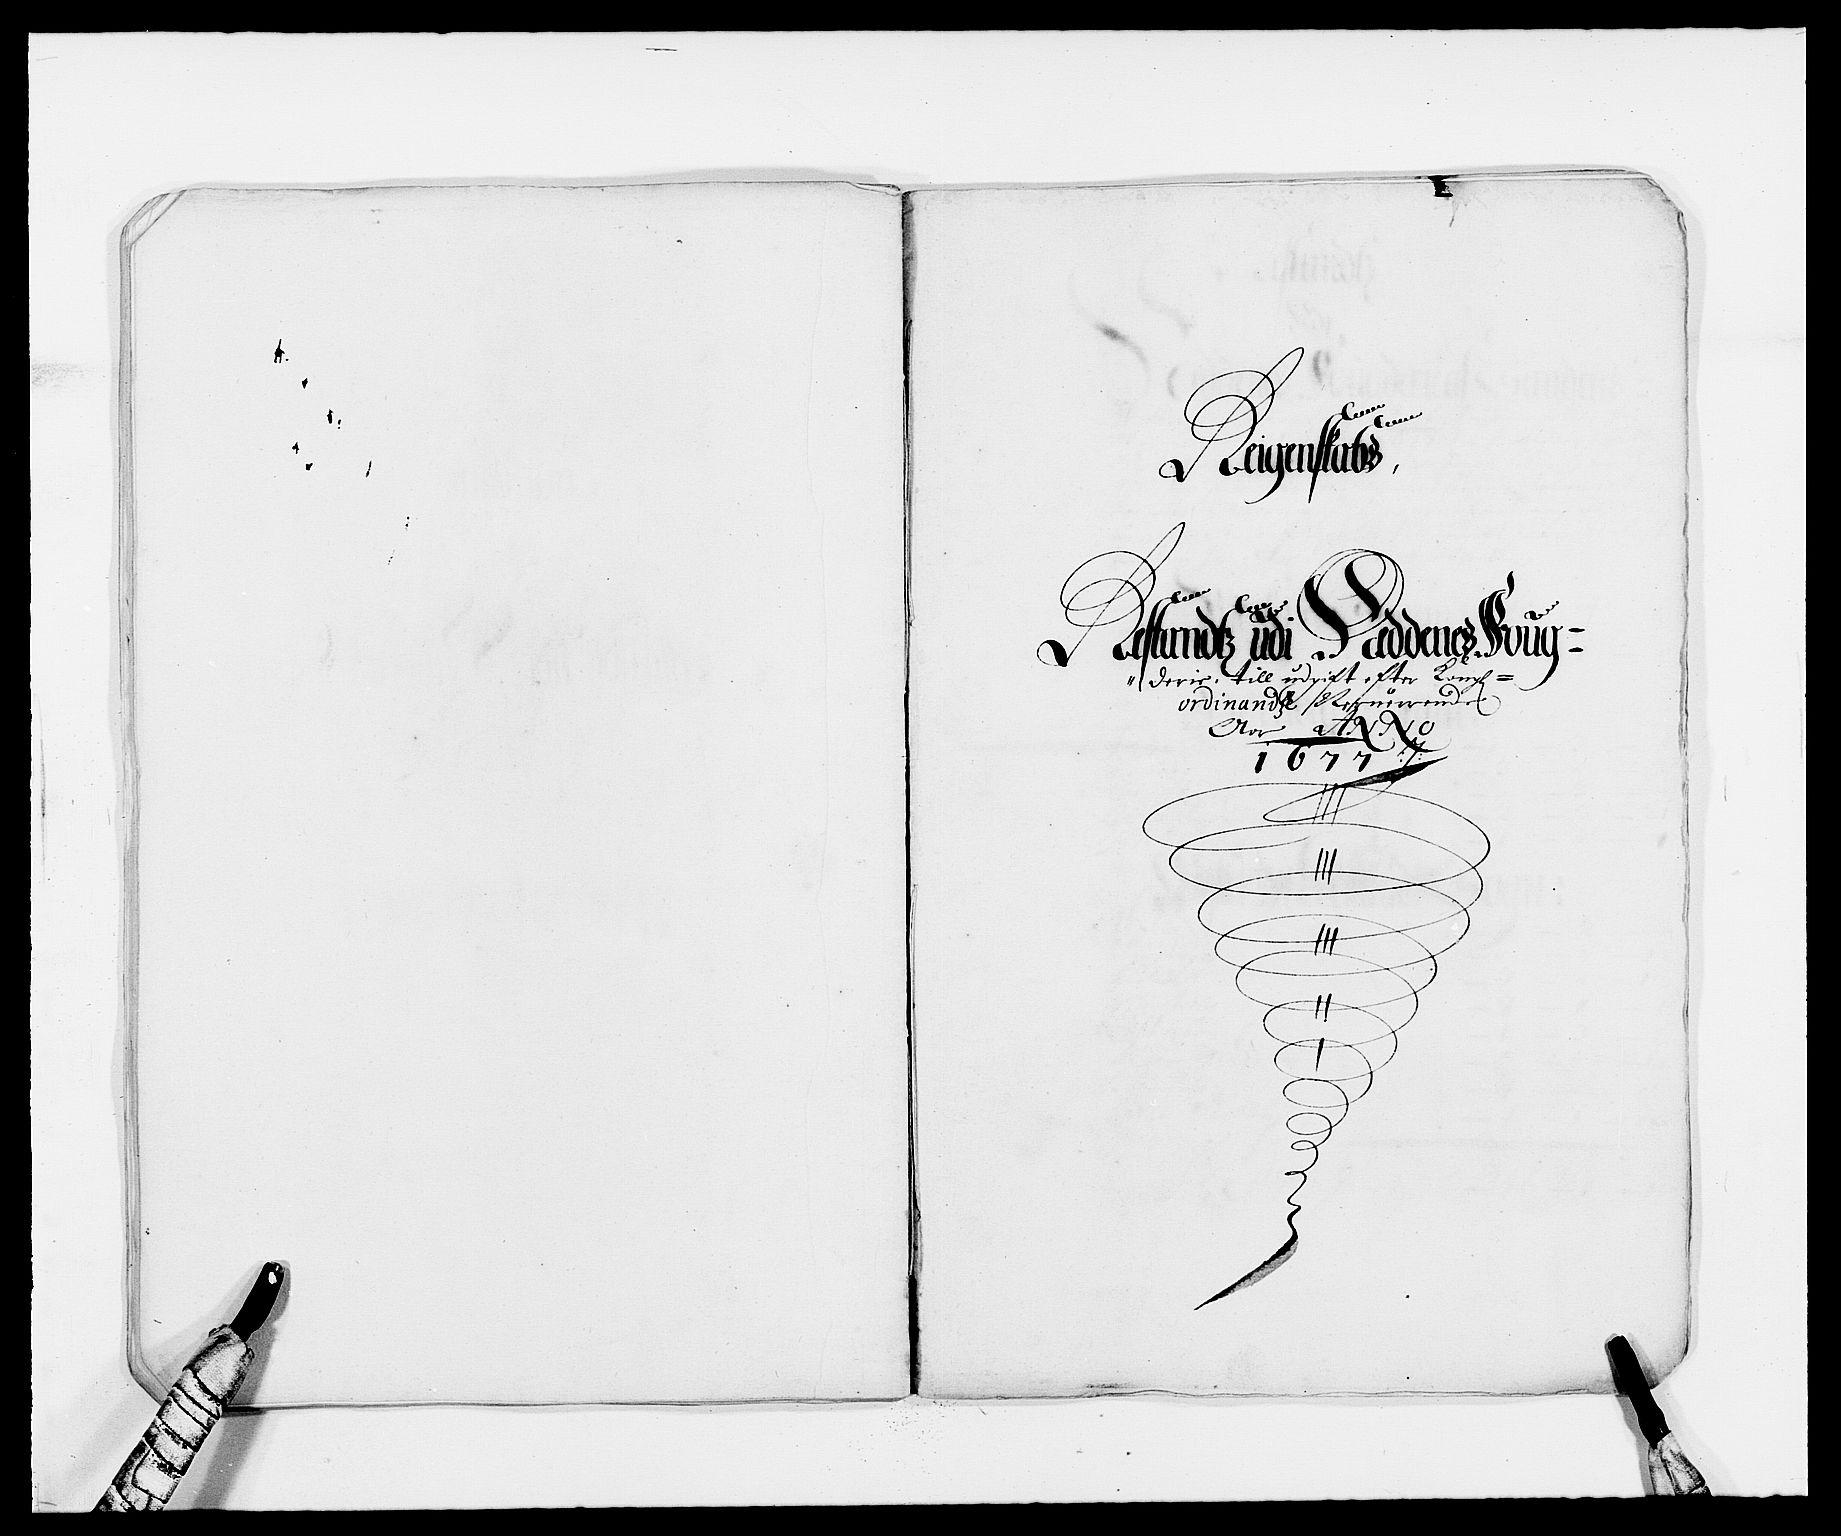 RA, Rentekammeret inntil 1814, Reviderte regnskaper, Fogderegnskap, R39/L2302: Fogderegnskap Nedenes, 1677-1678, s. 175